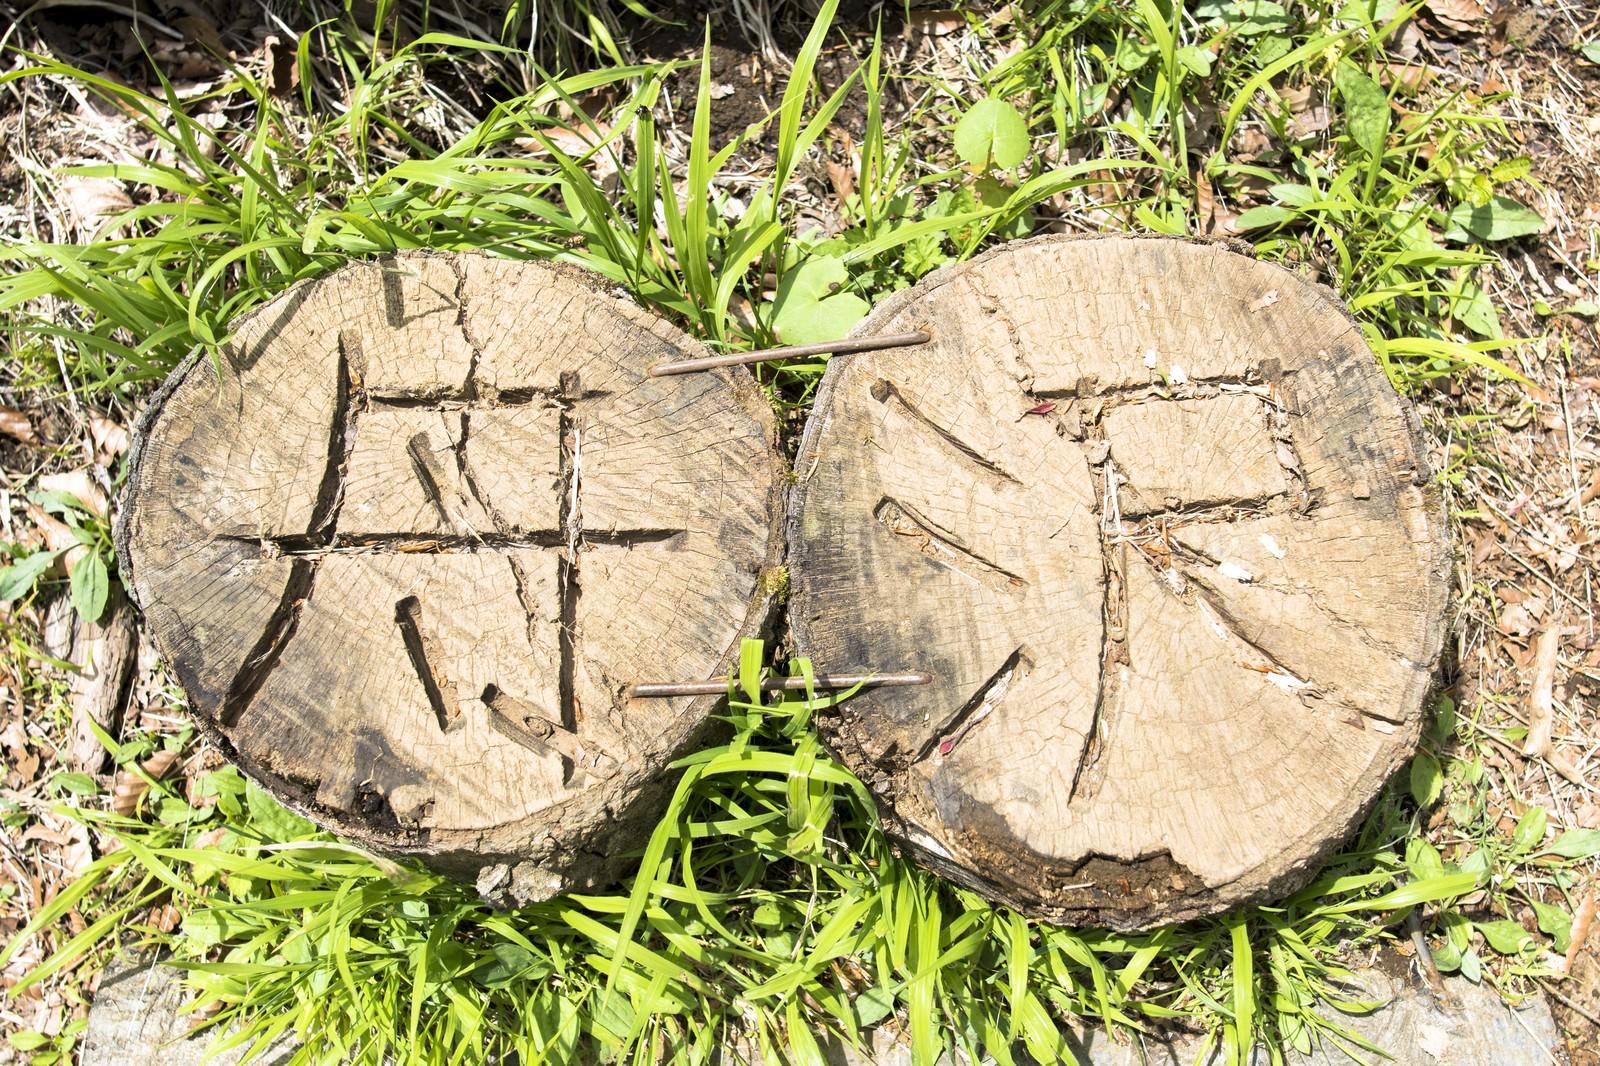 「丹沢と彫られた木の杭」の写真